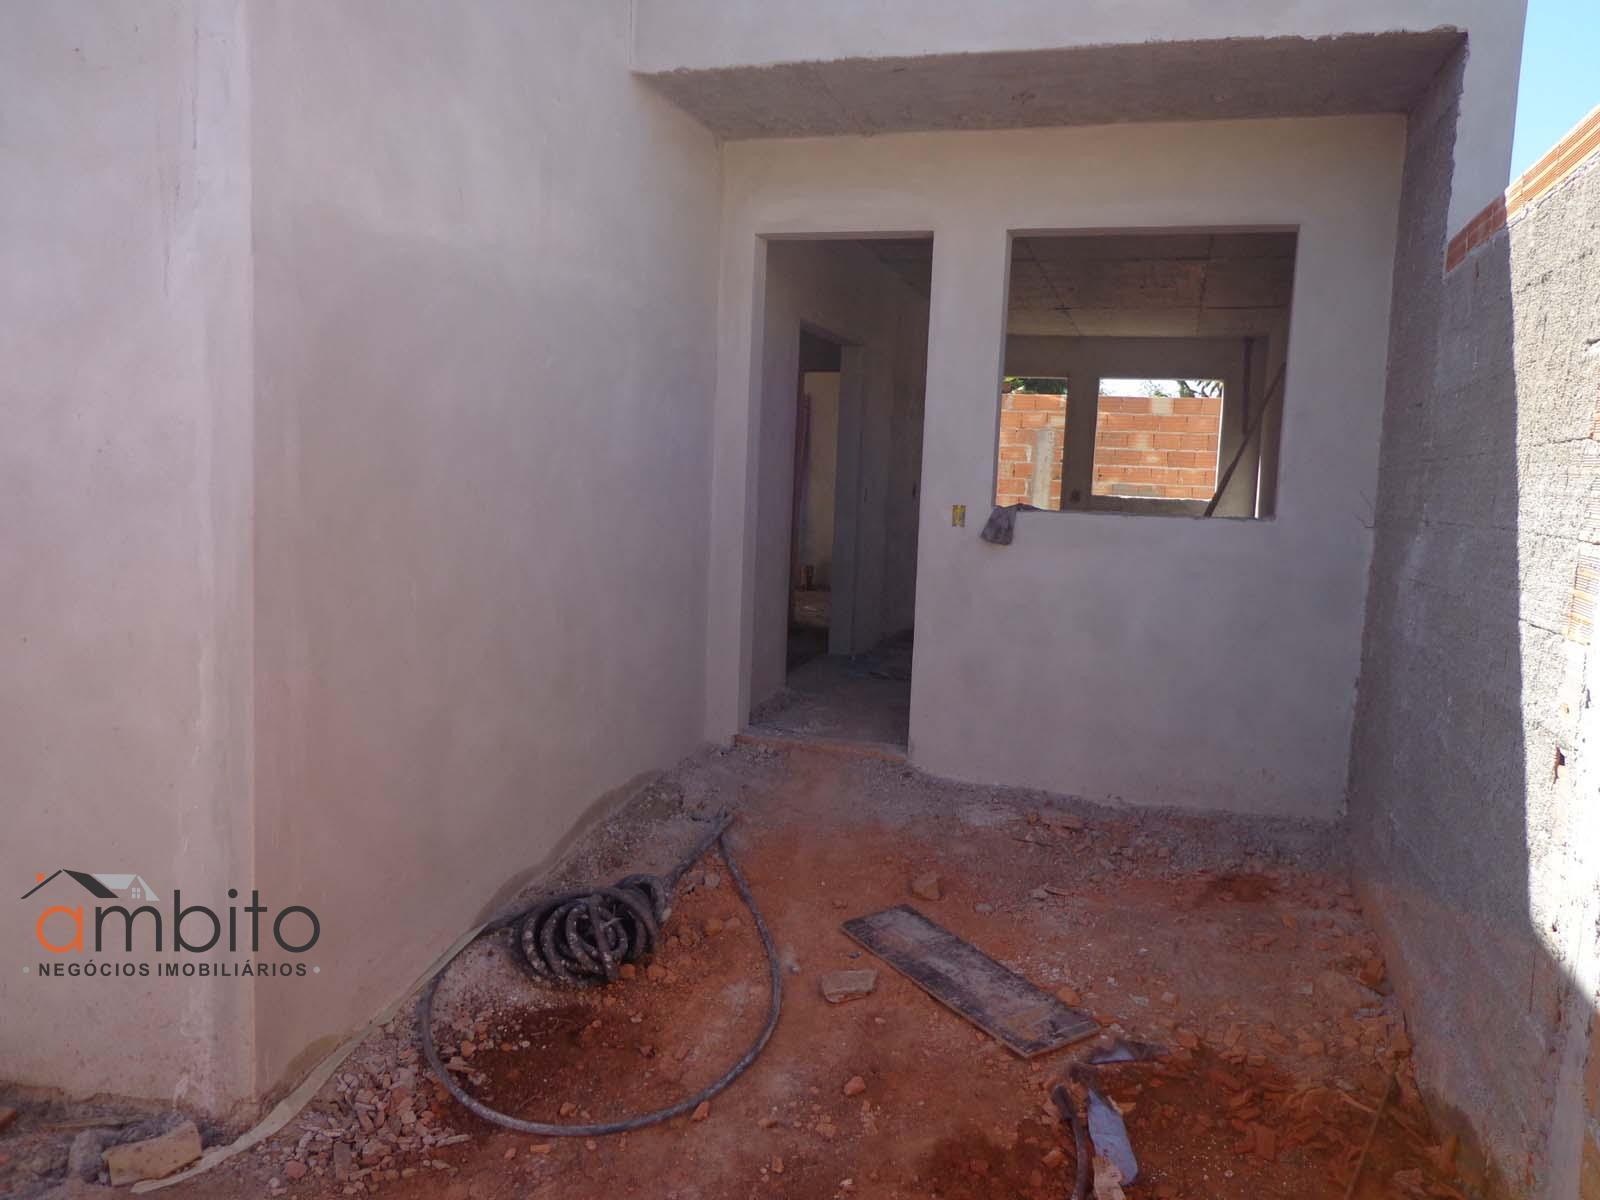 Casa - Foto 3 de 12